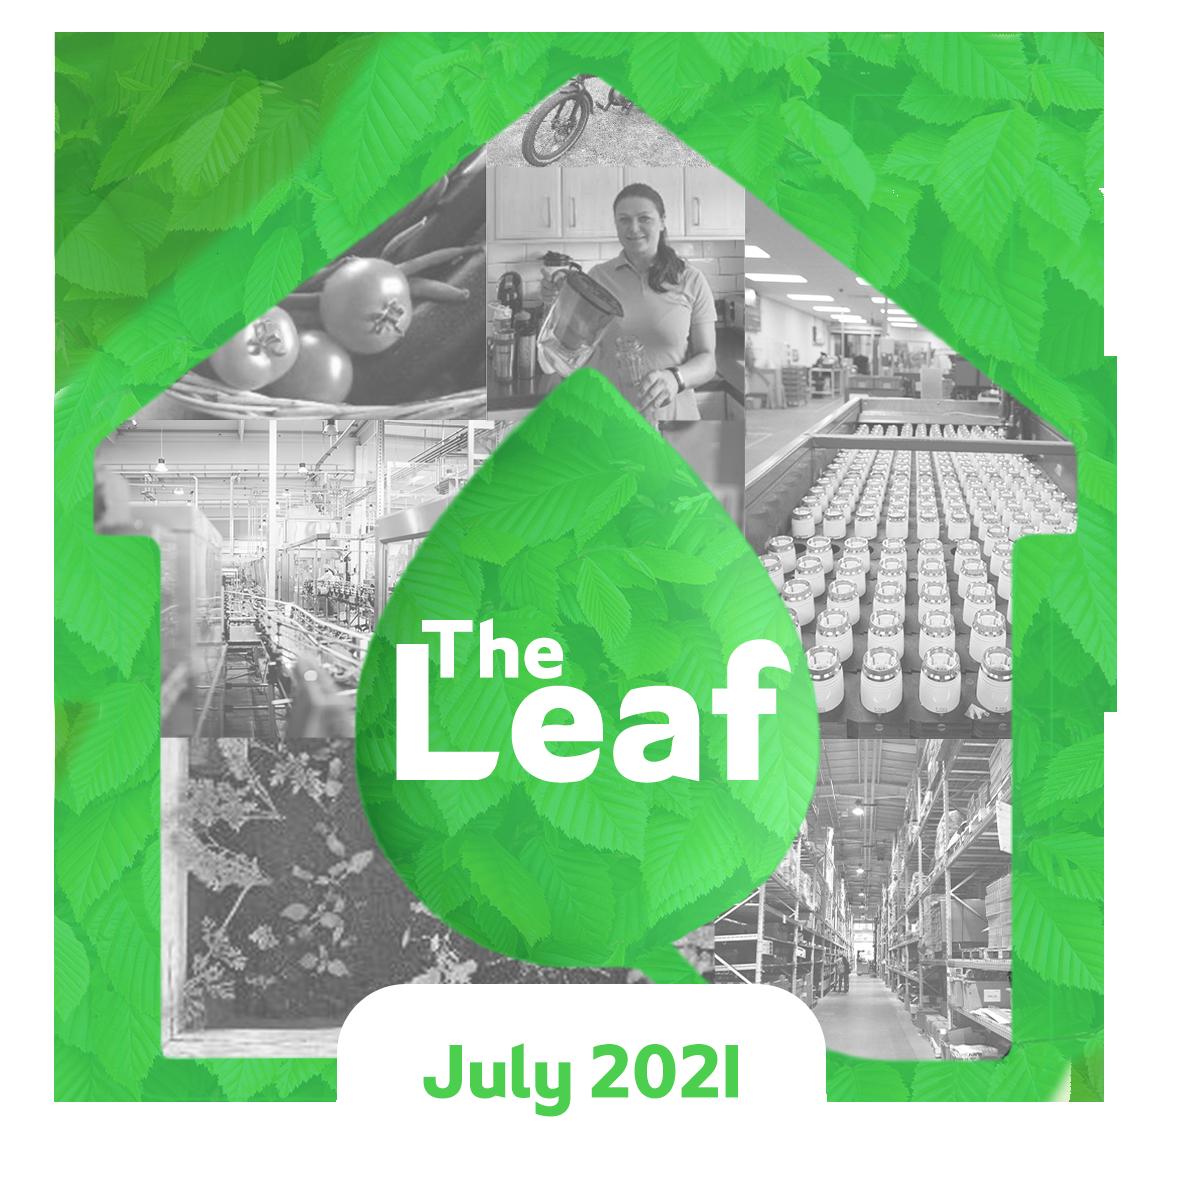 The Leaf Drayton Sustainability Blog logo